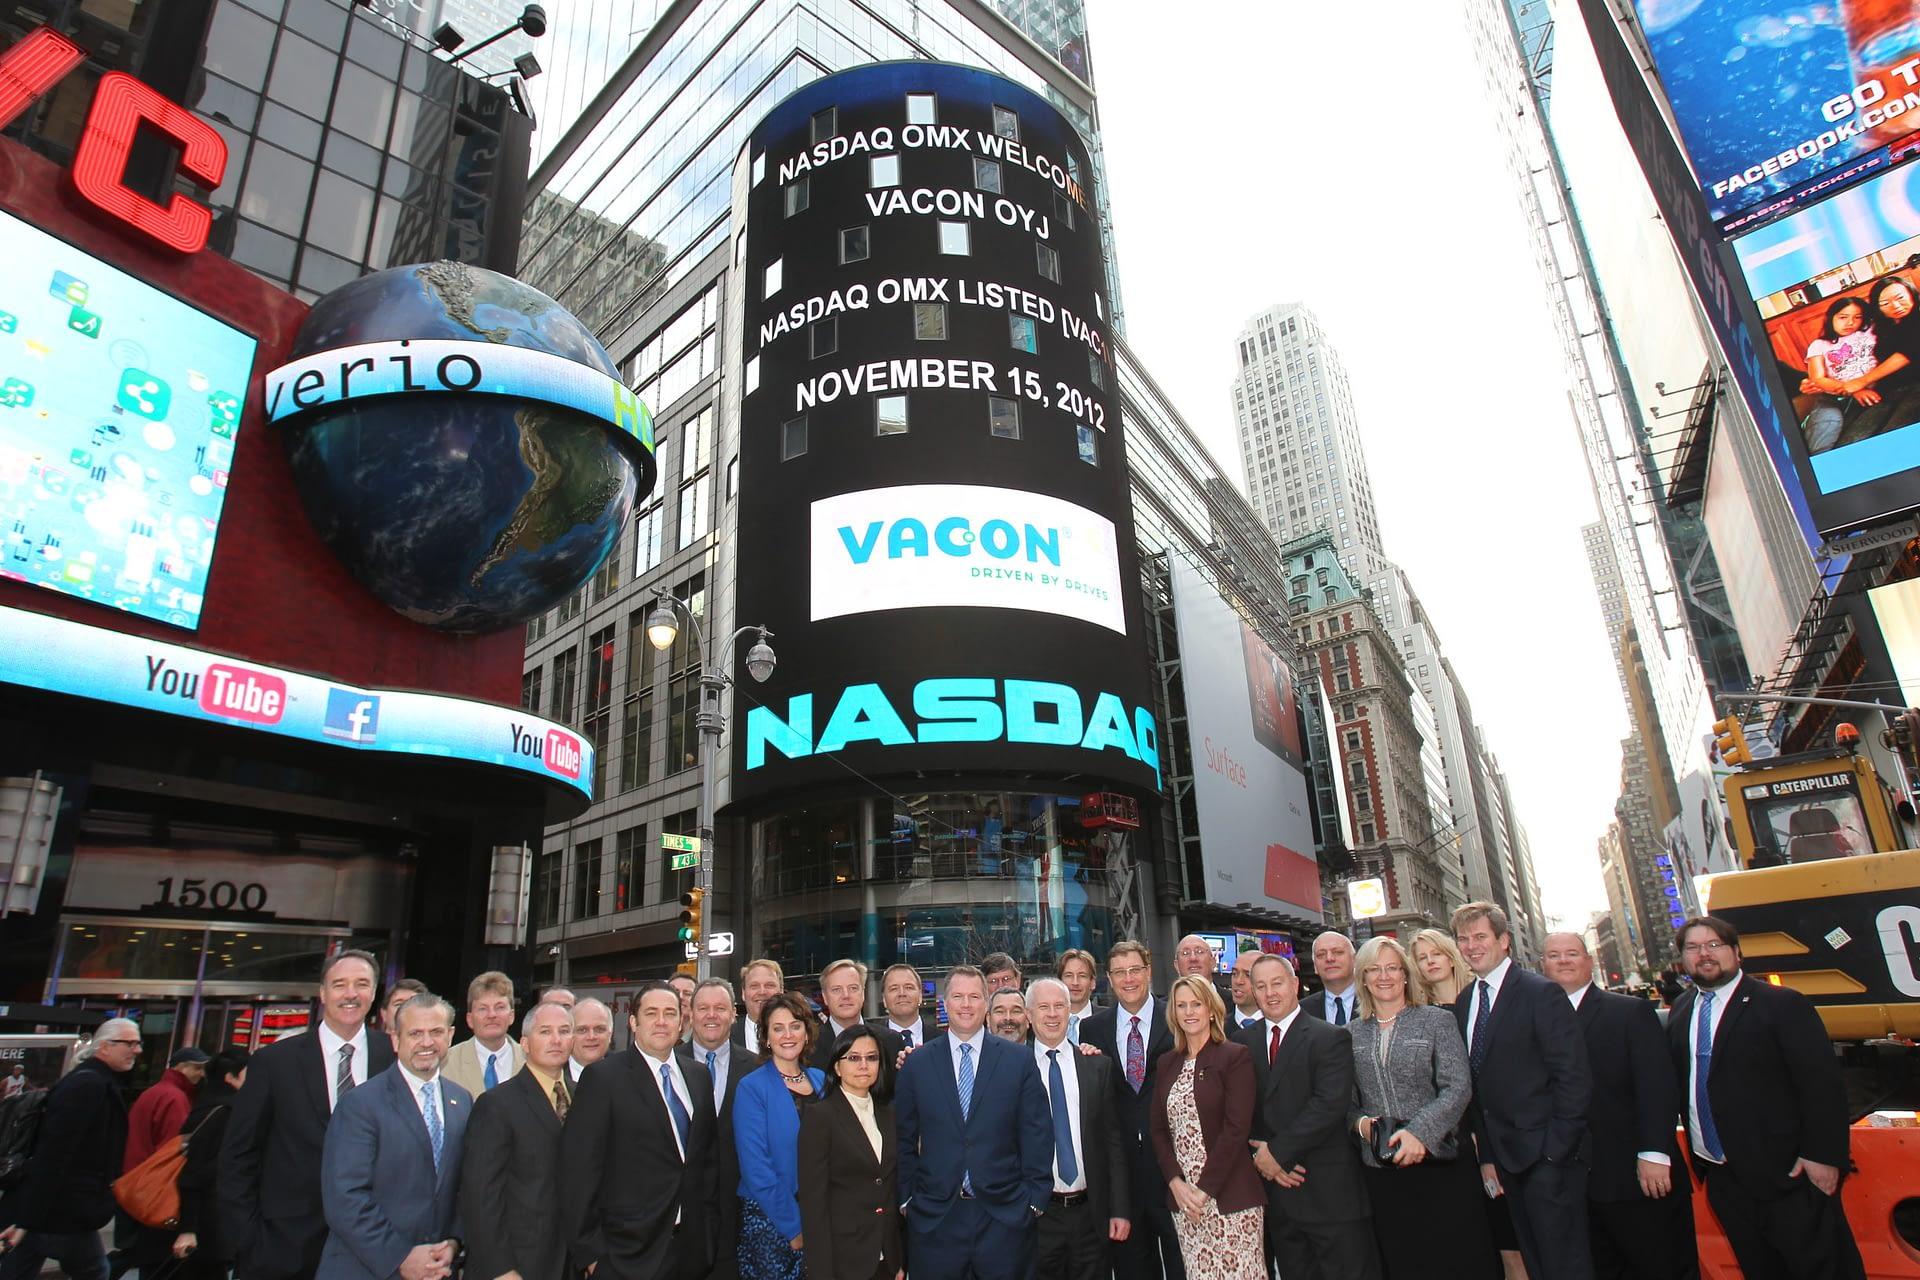 NASDAQ_Bell_Tower.jpg